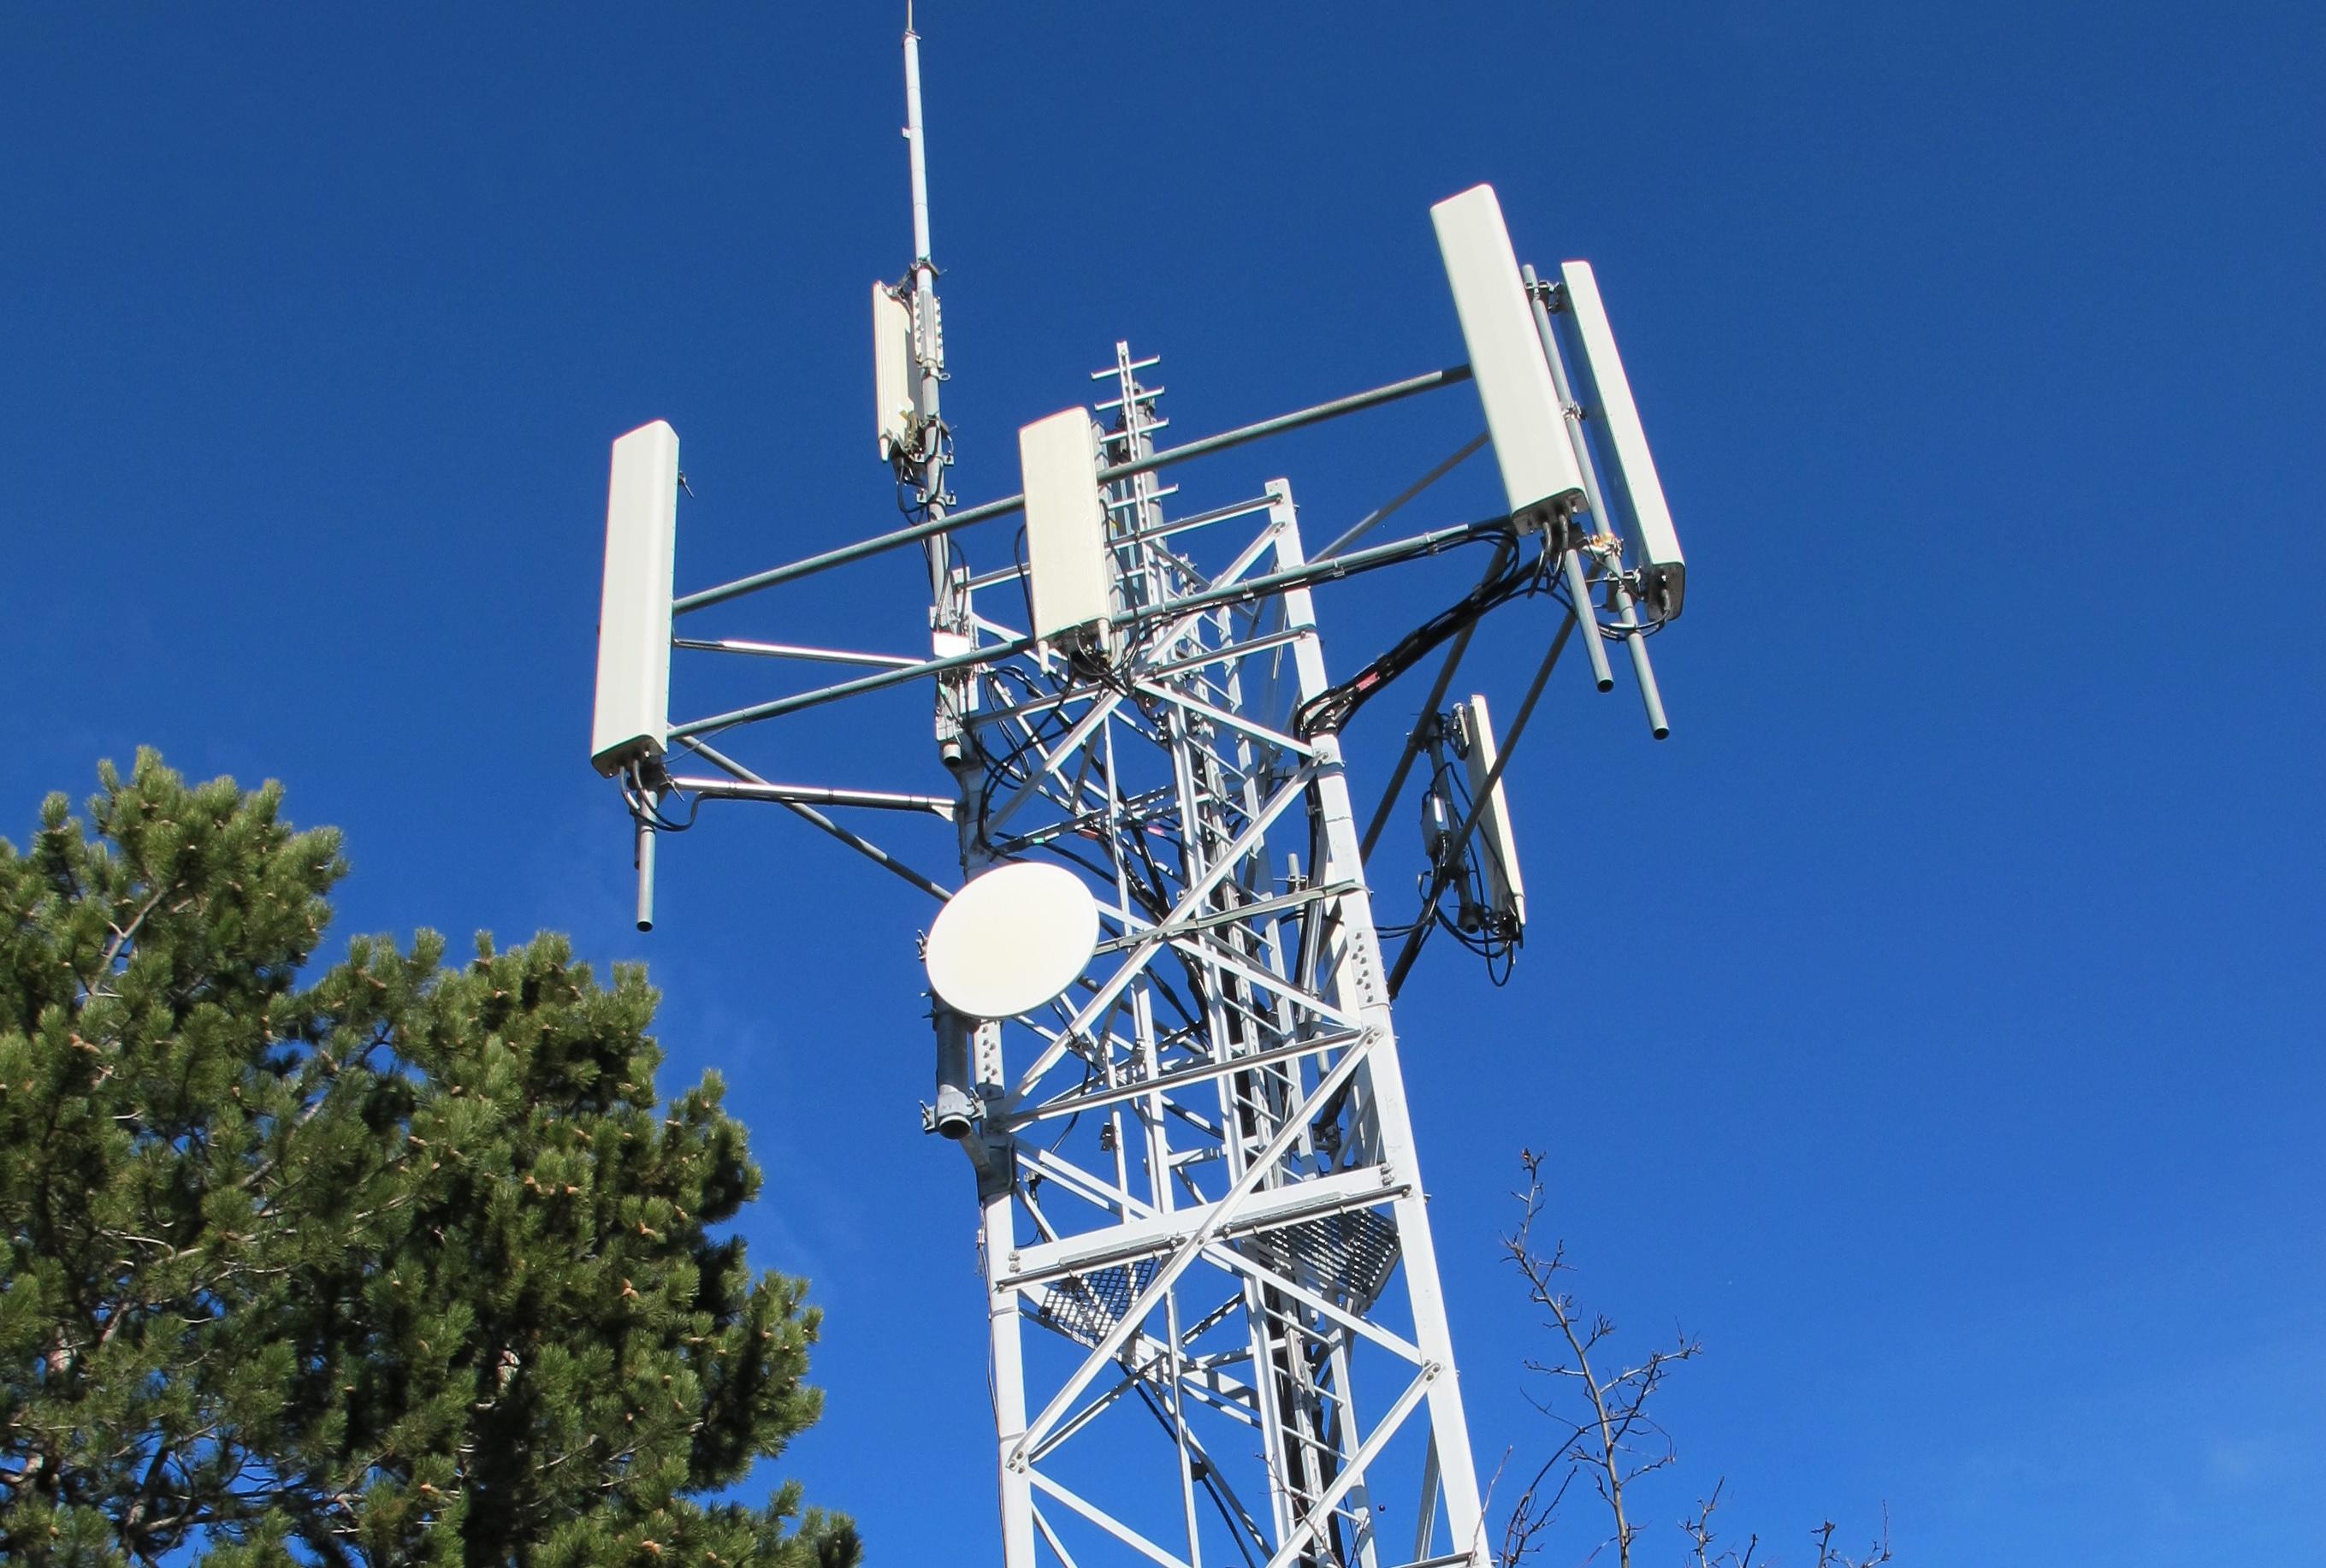 Déploiement de la 4G en France : les fréquences 700 MHz arrivent timidement et SFR met les bouchées doubles